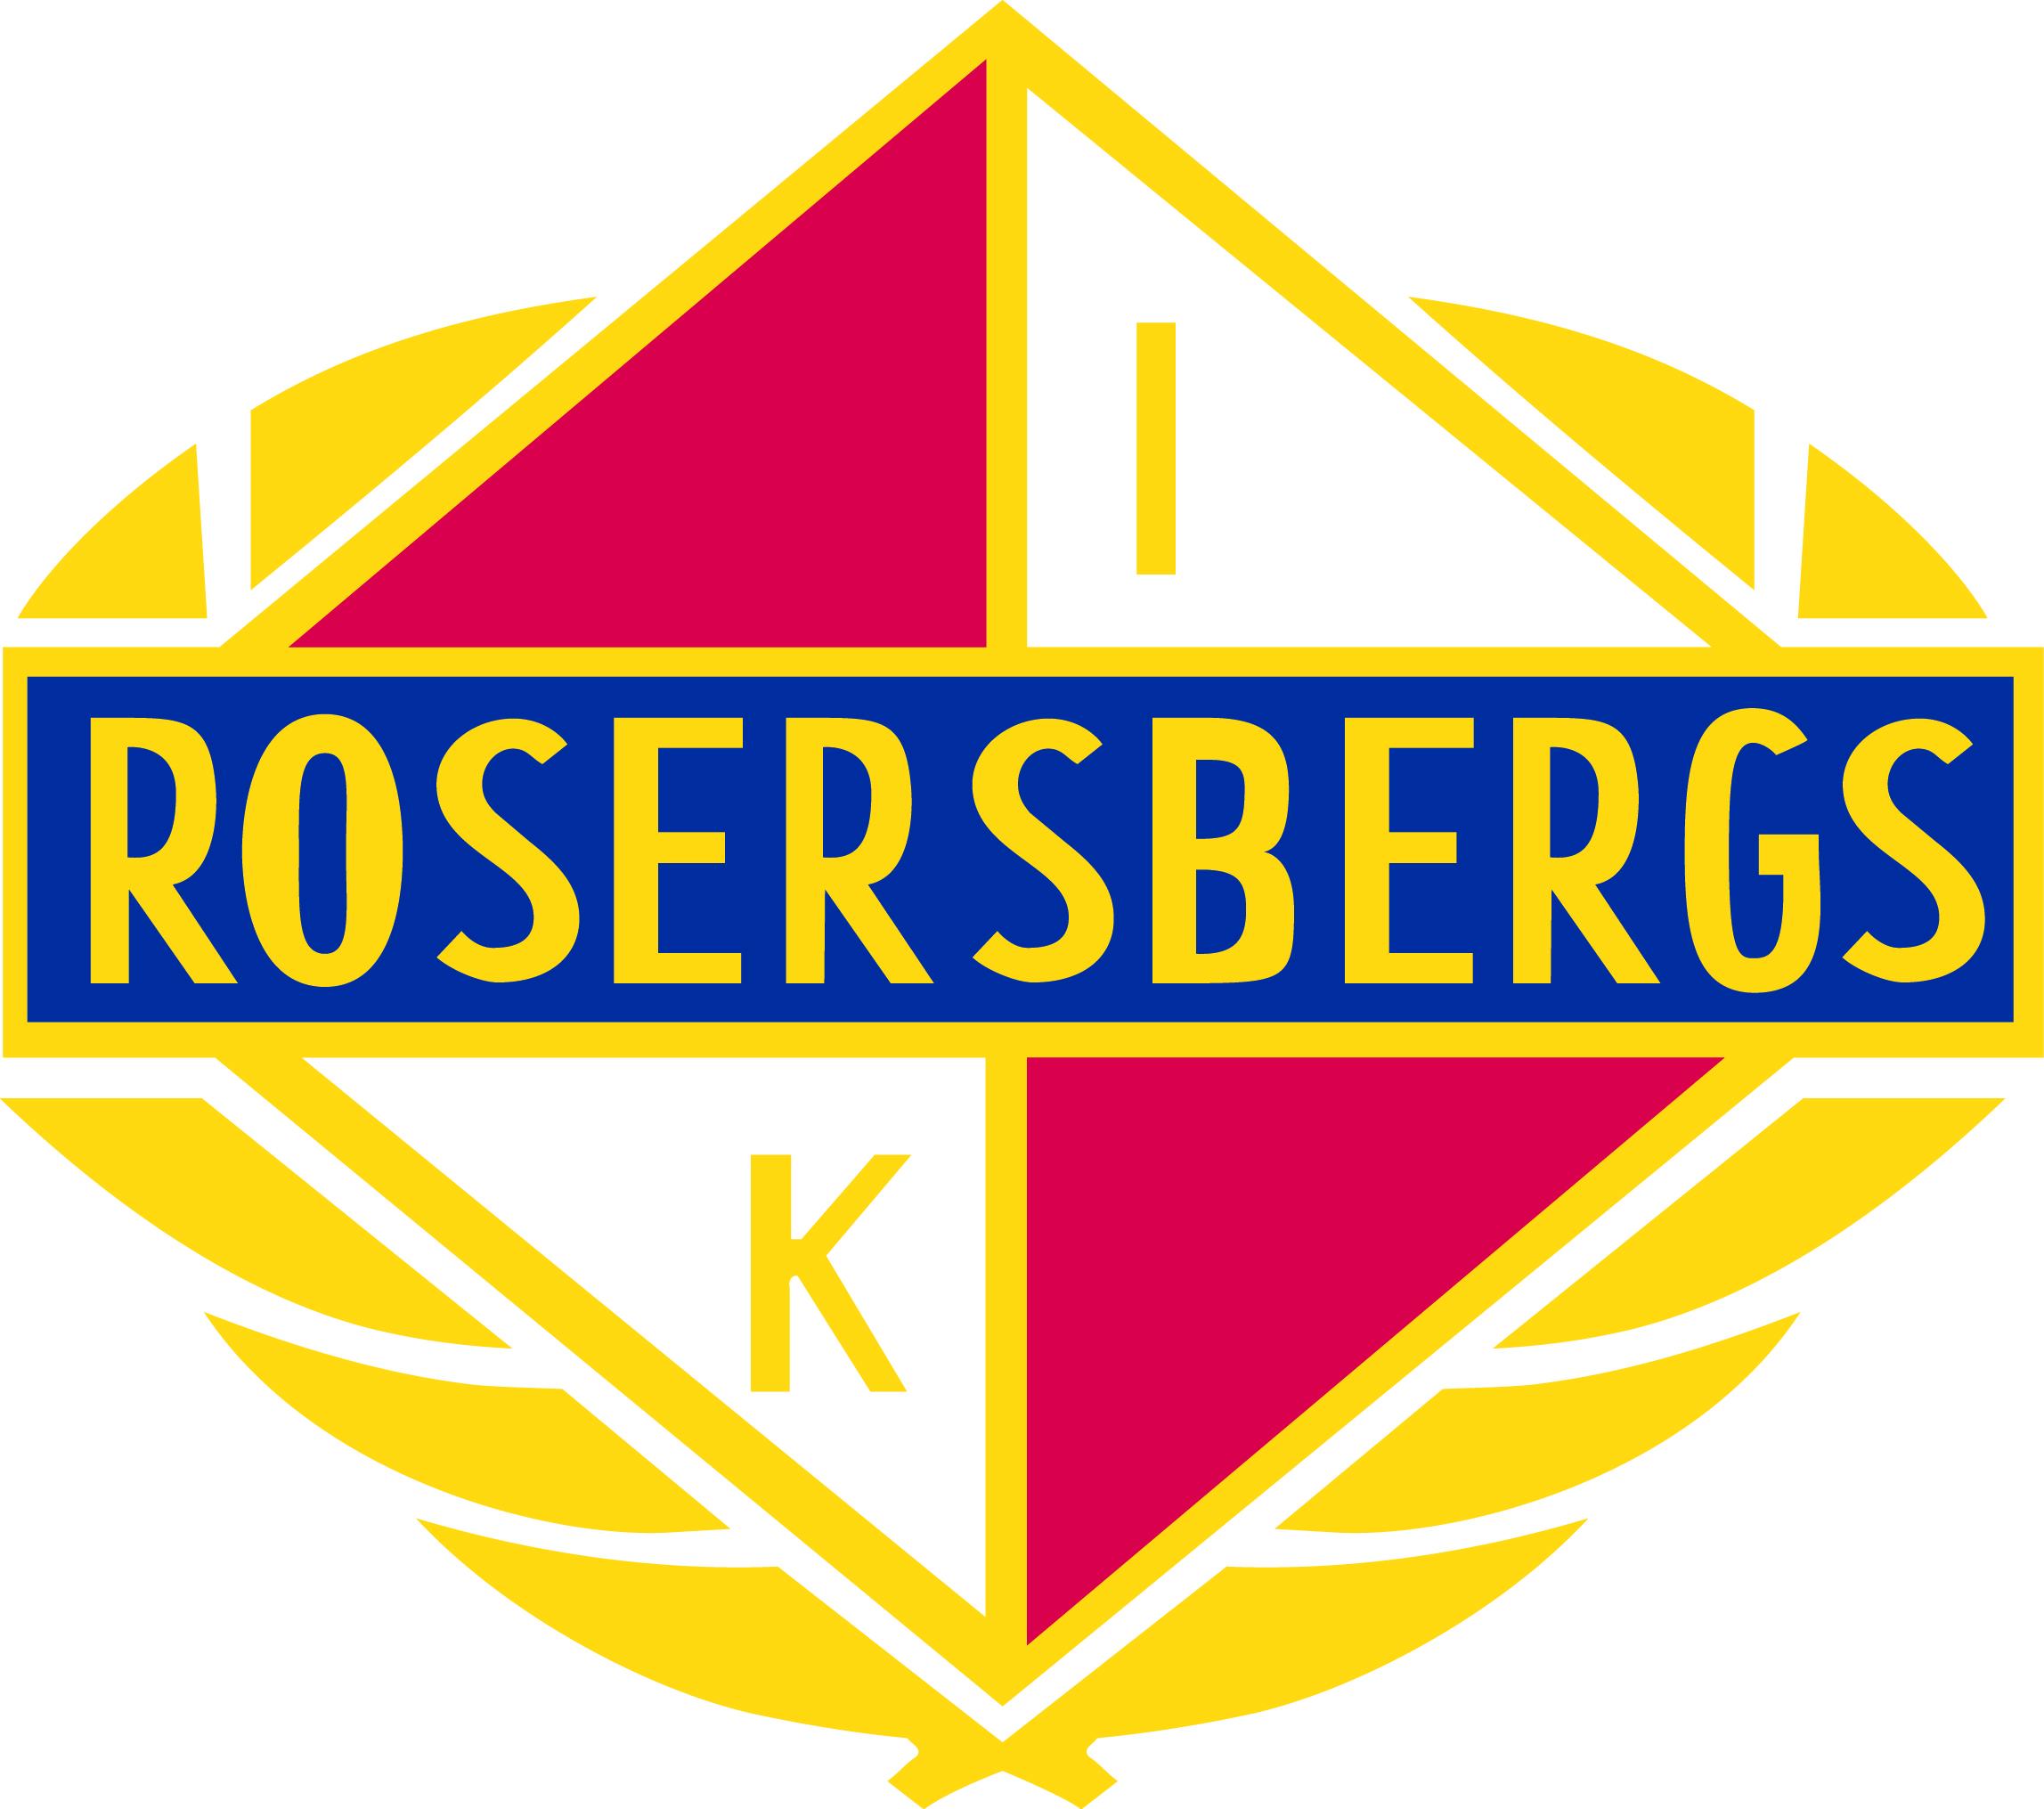 Rosersbergs IKjpg